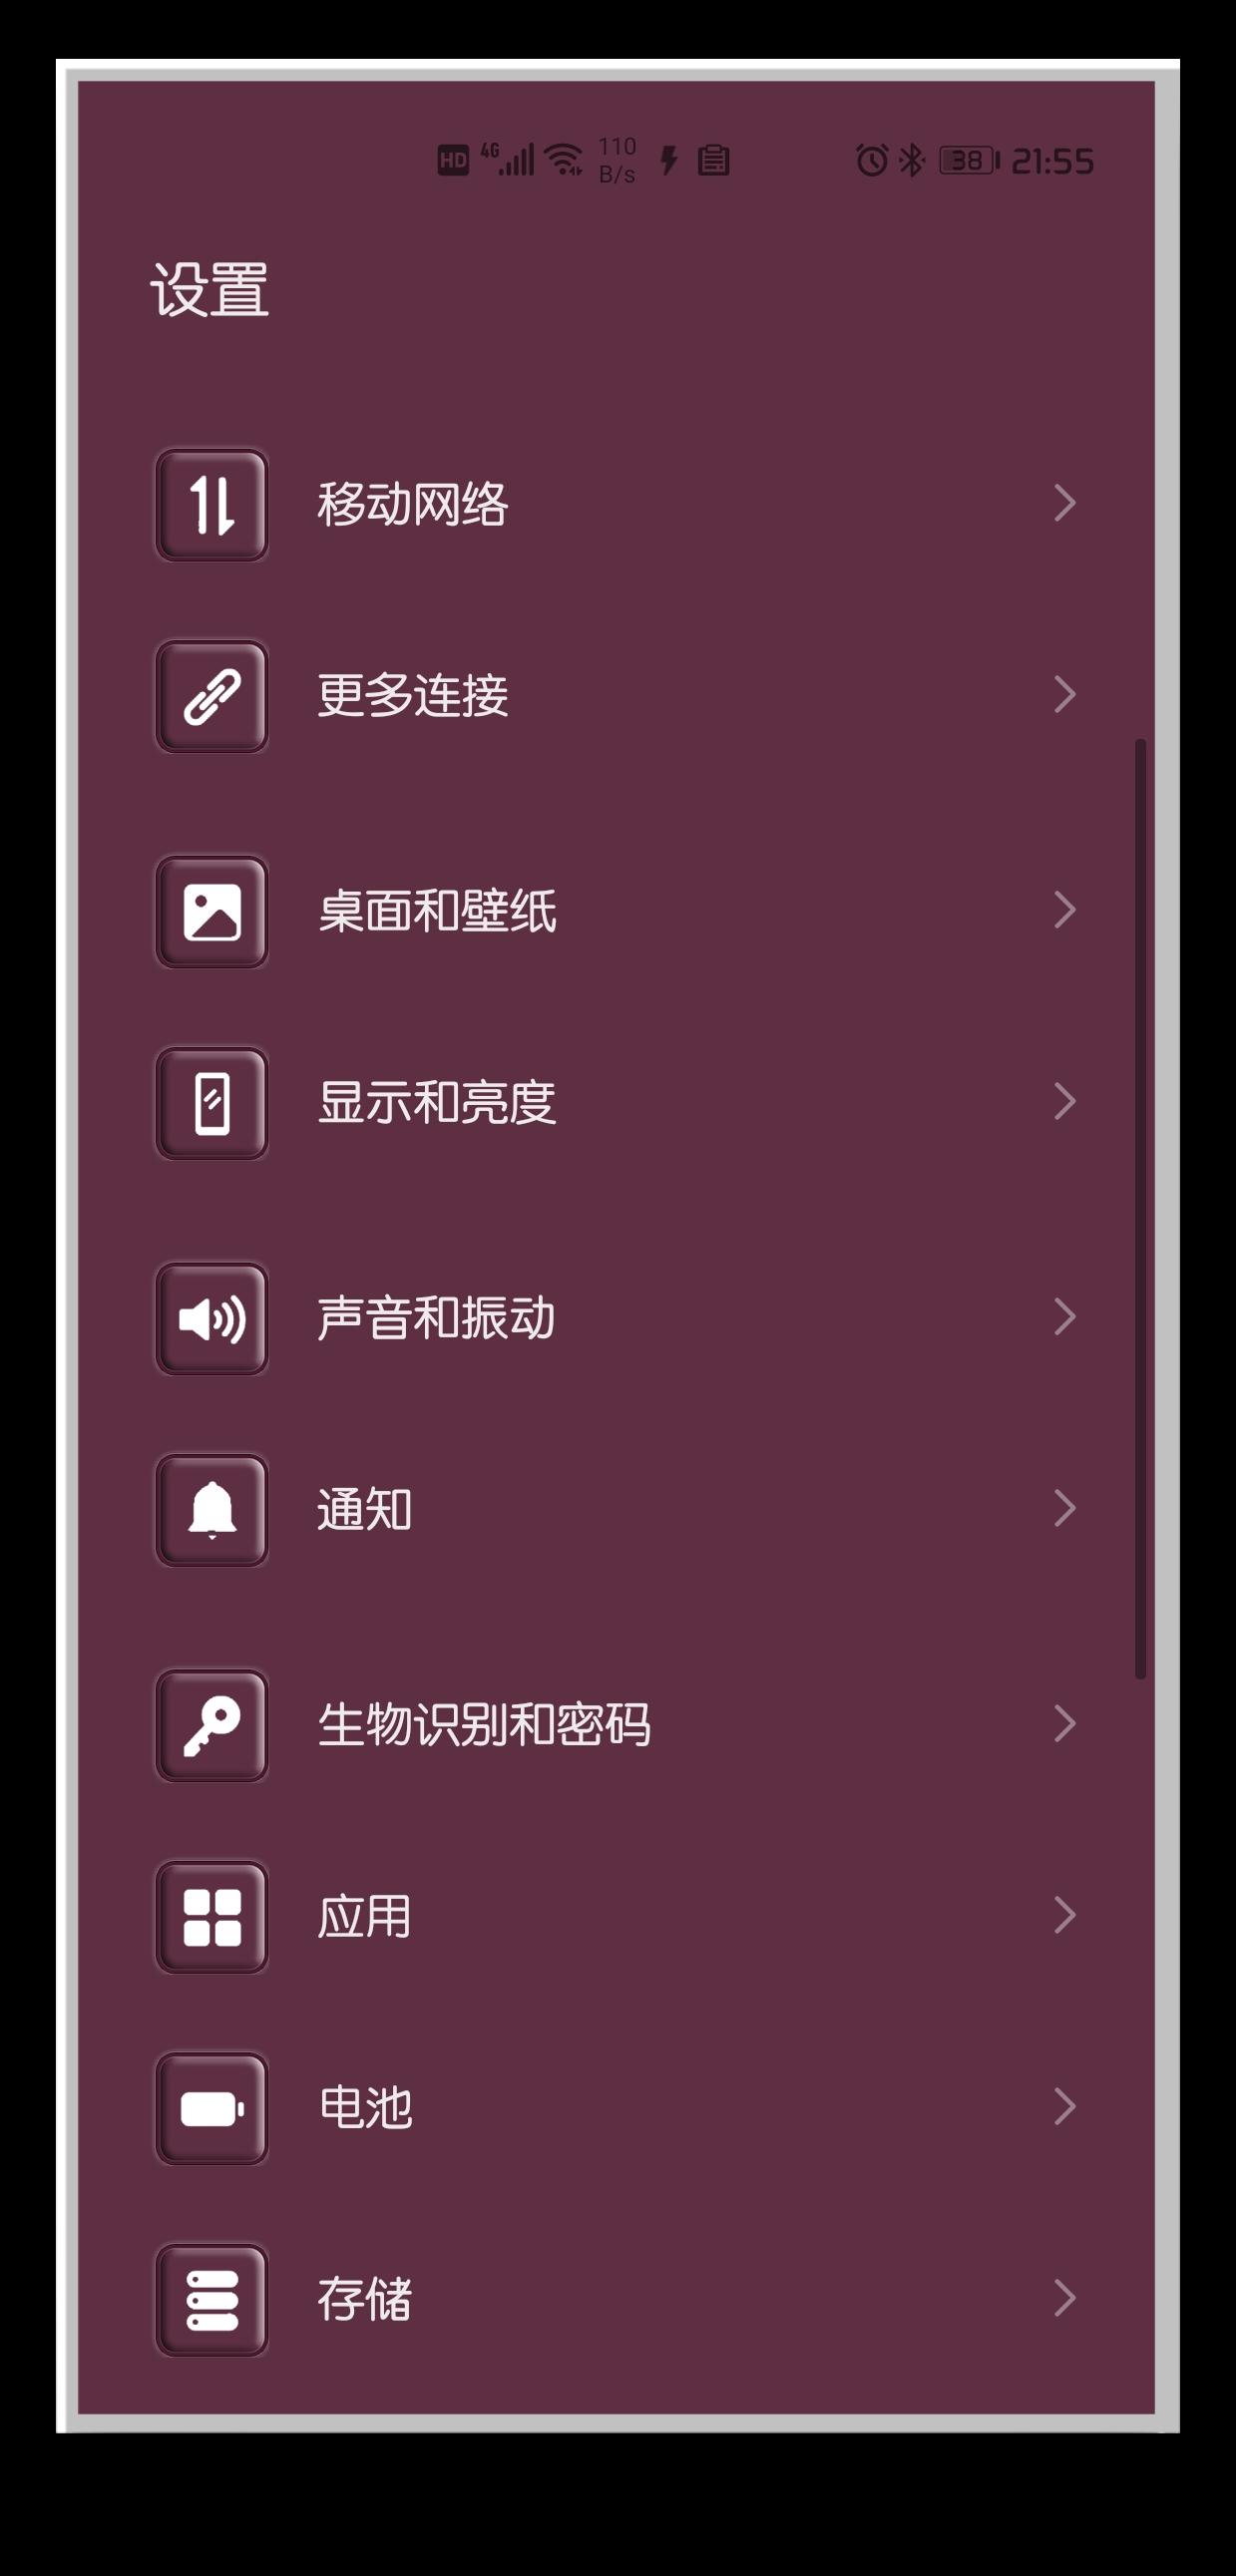 HiShoot_20210305_220404.png